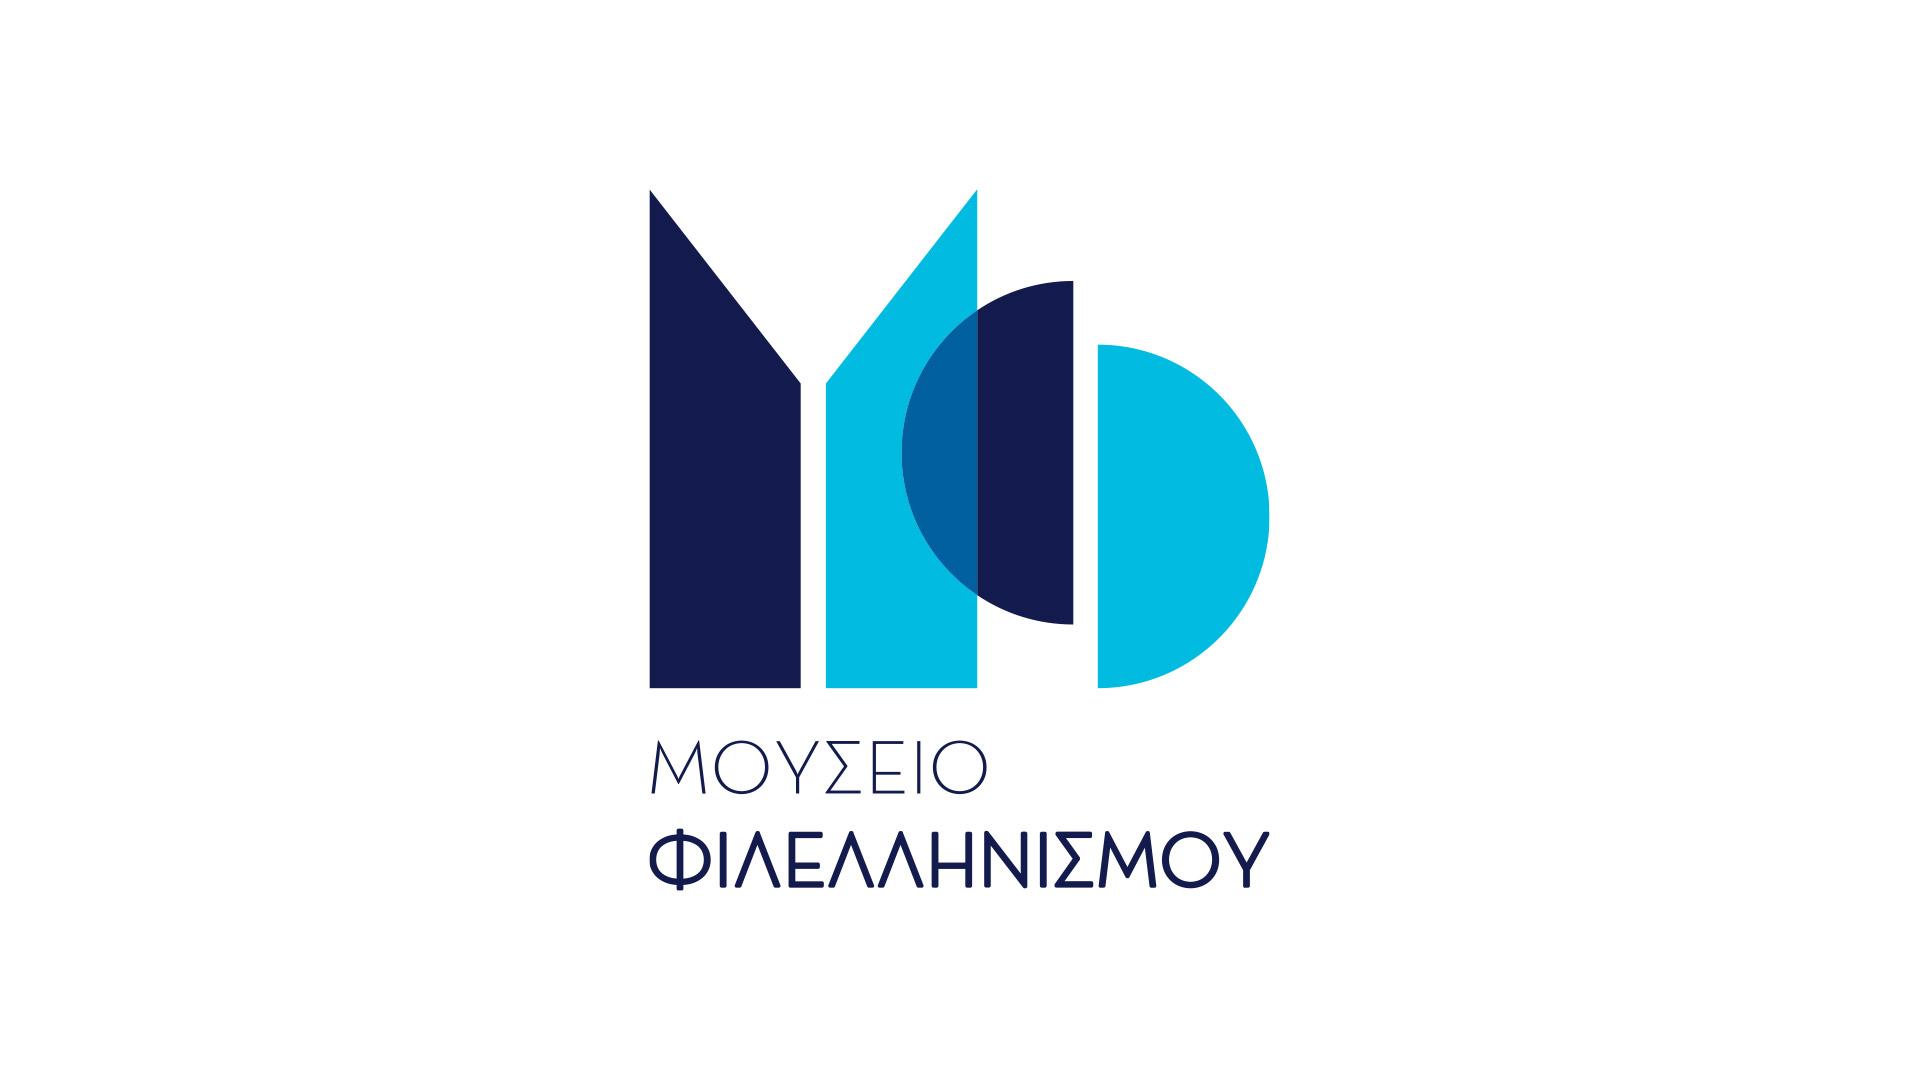 Mouseio Logo